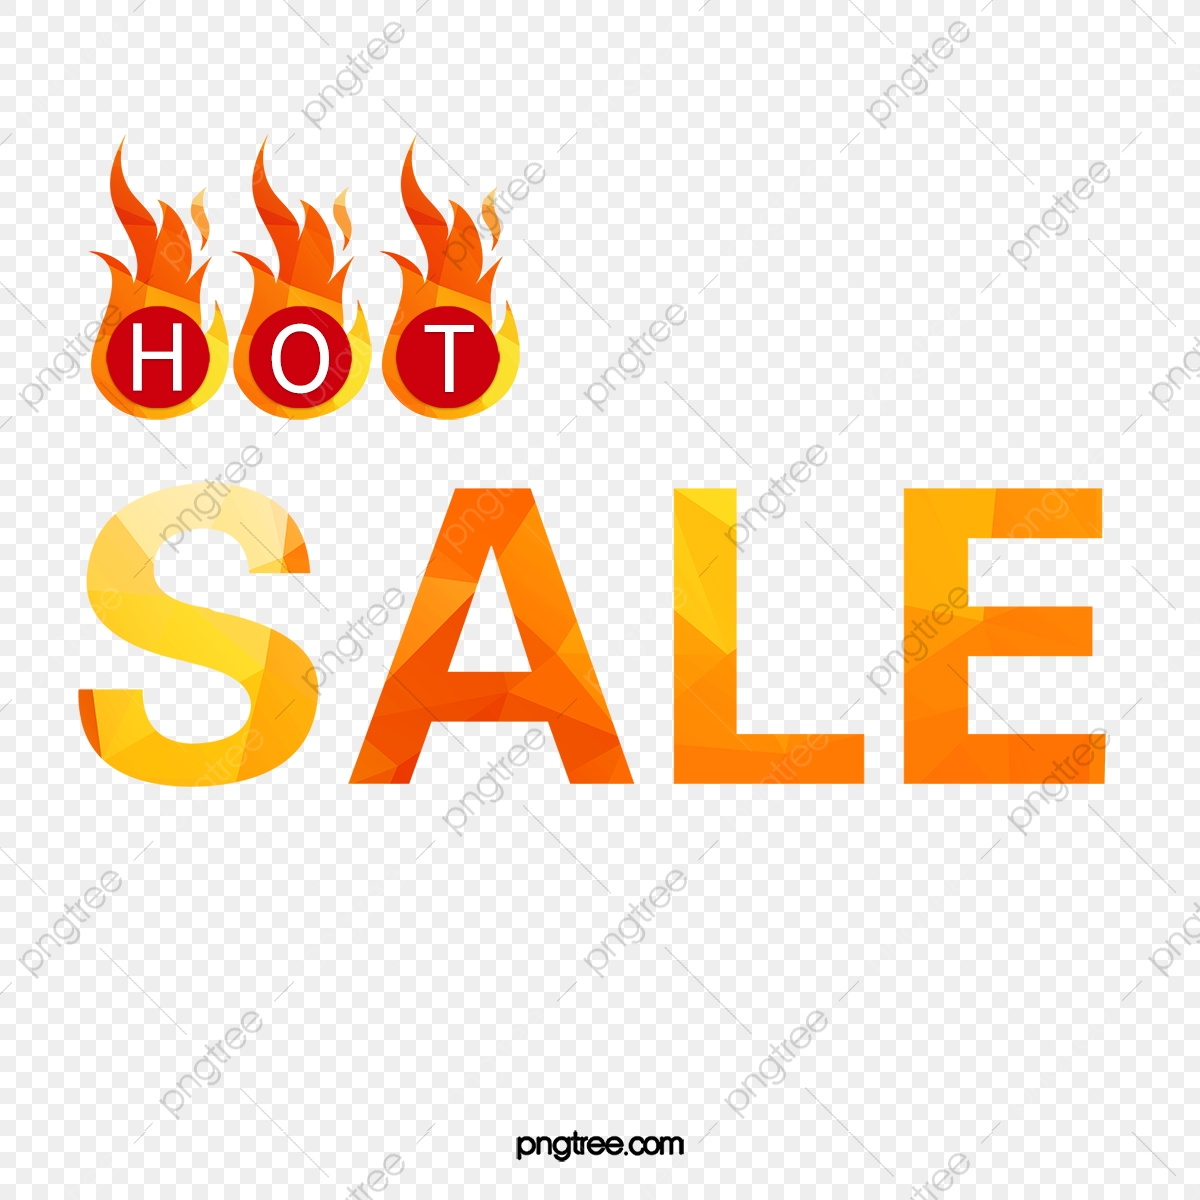 Hot Sale, Sale Clipart, Sale, Fiery PNG Transparent Clipart Image.